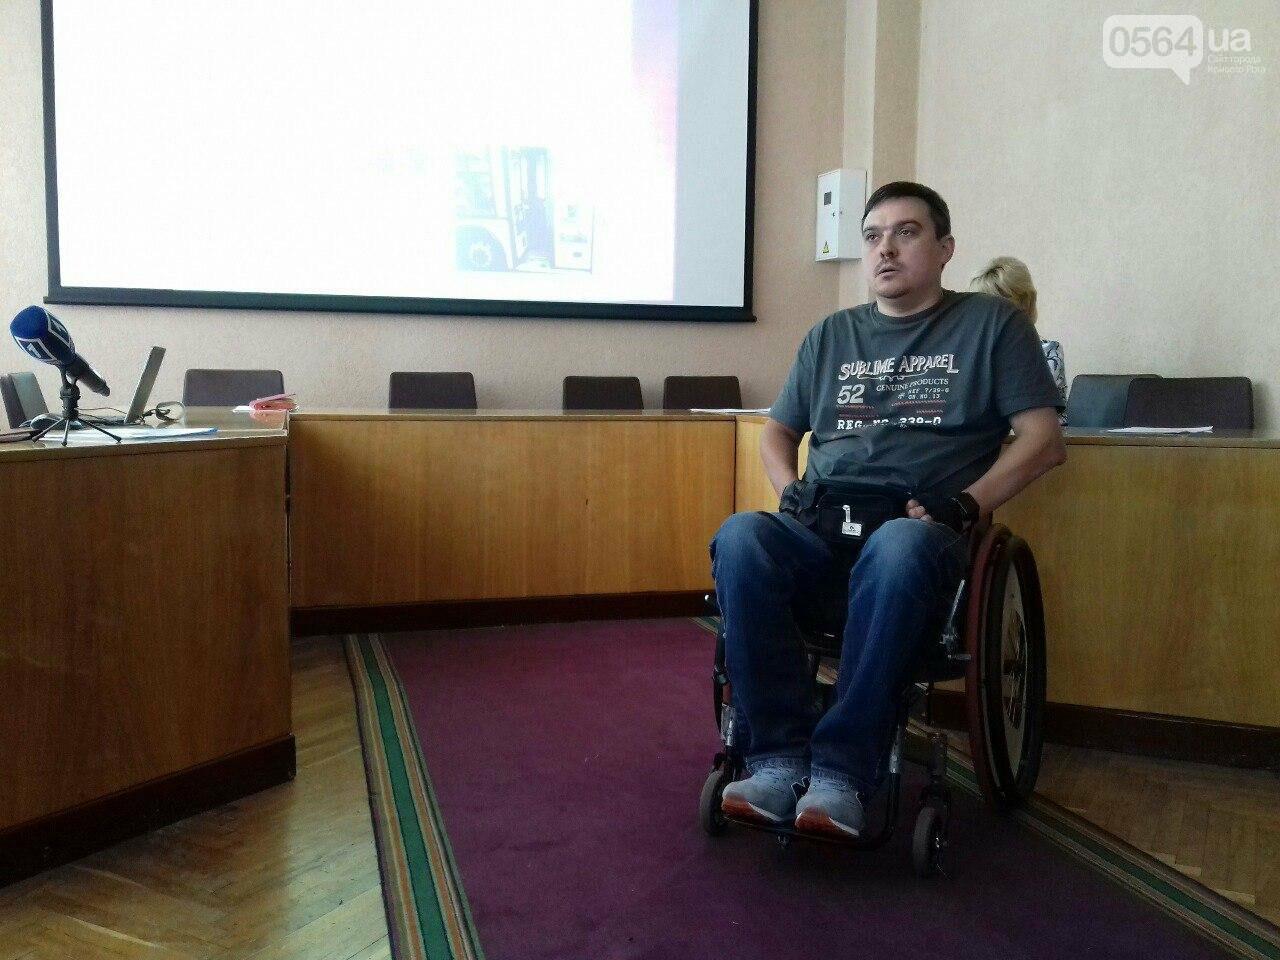 В Кривом Роге обсуждали, как объекты городской инфраструктуры сделать доступнее для людей с инвалидностью, - ФОТО, ВИДЕО, фото-9